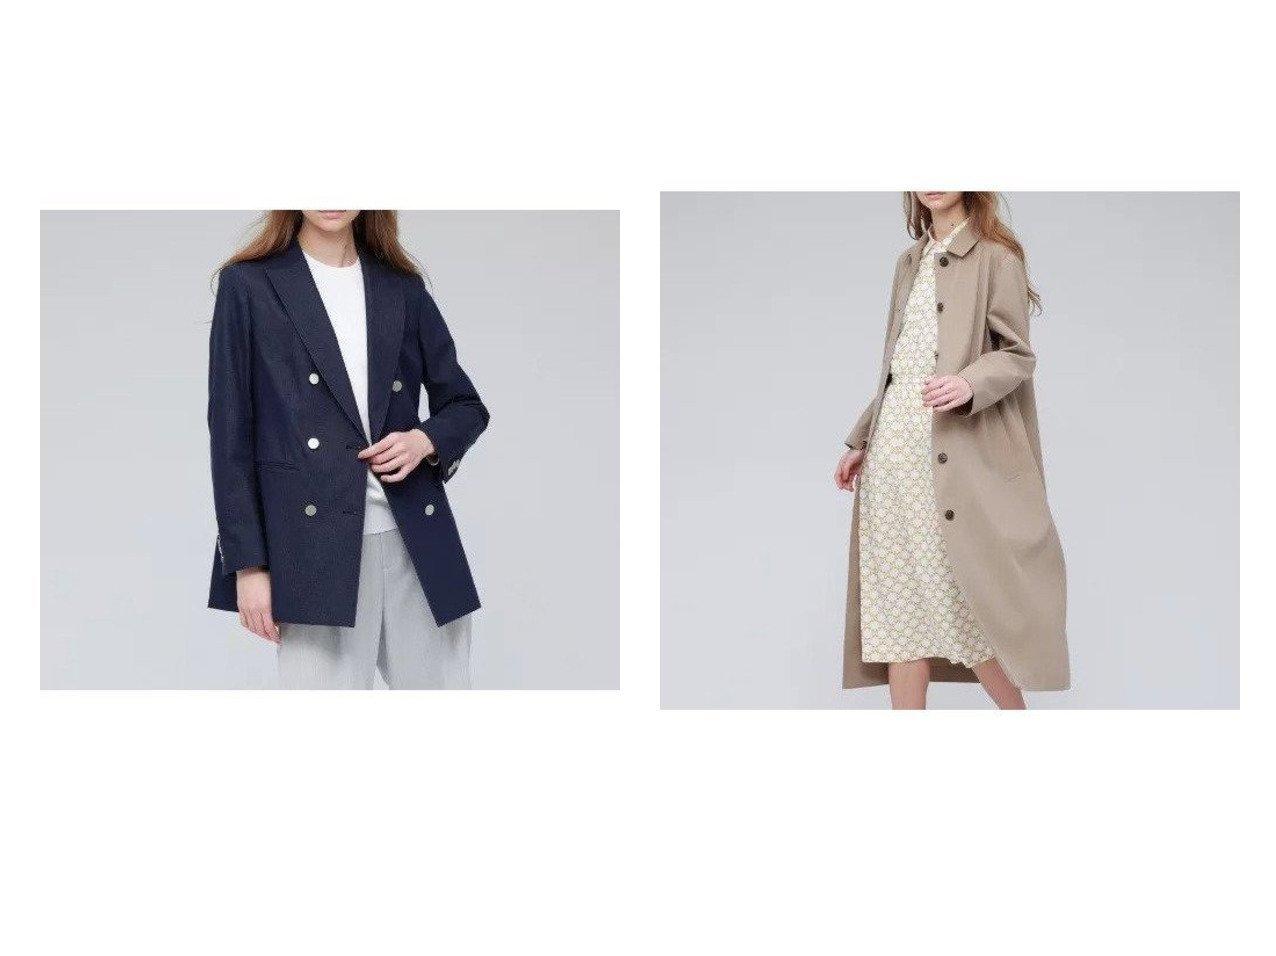 【MACKINTOSH LONDON/マッキントッシュ ロンドン】のコットンストレッチデニムジャケット&サマーコットンウールロングコート アウターのおすすめ!人気、トレンド・レディースファッションの通販 おすすめで人気の流行・トレンド、ファッションの通販商品 メンズファッション・キッズファッション・インテリア・家具・レディースファッション・服の通販 founy(ファニー) https://founy.com/ ファッション Fashion レディースファッション WOMEN アウター Coat Outerwear コート Coats ジャケット Jackets デニムジャケット Denim Jackets ウォッシャブル メタル ショルダー シンプル ドロップ ハンド フランス リラックス |ID:crp329100000022650